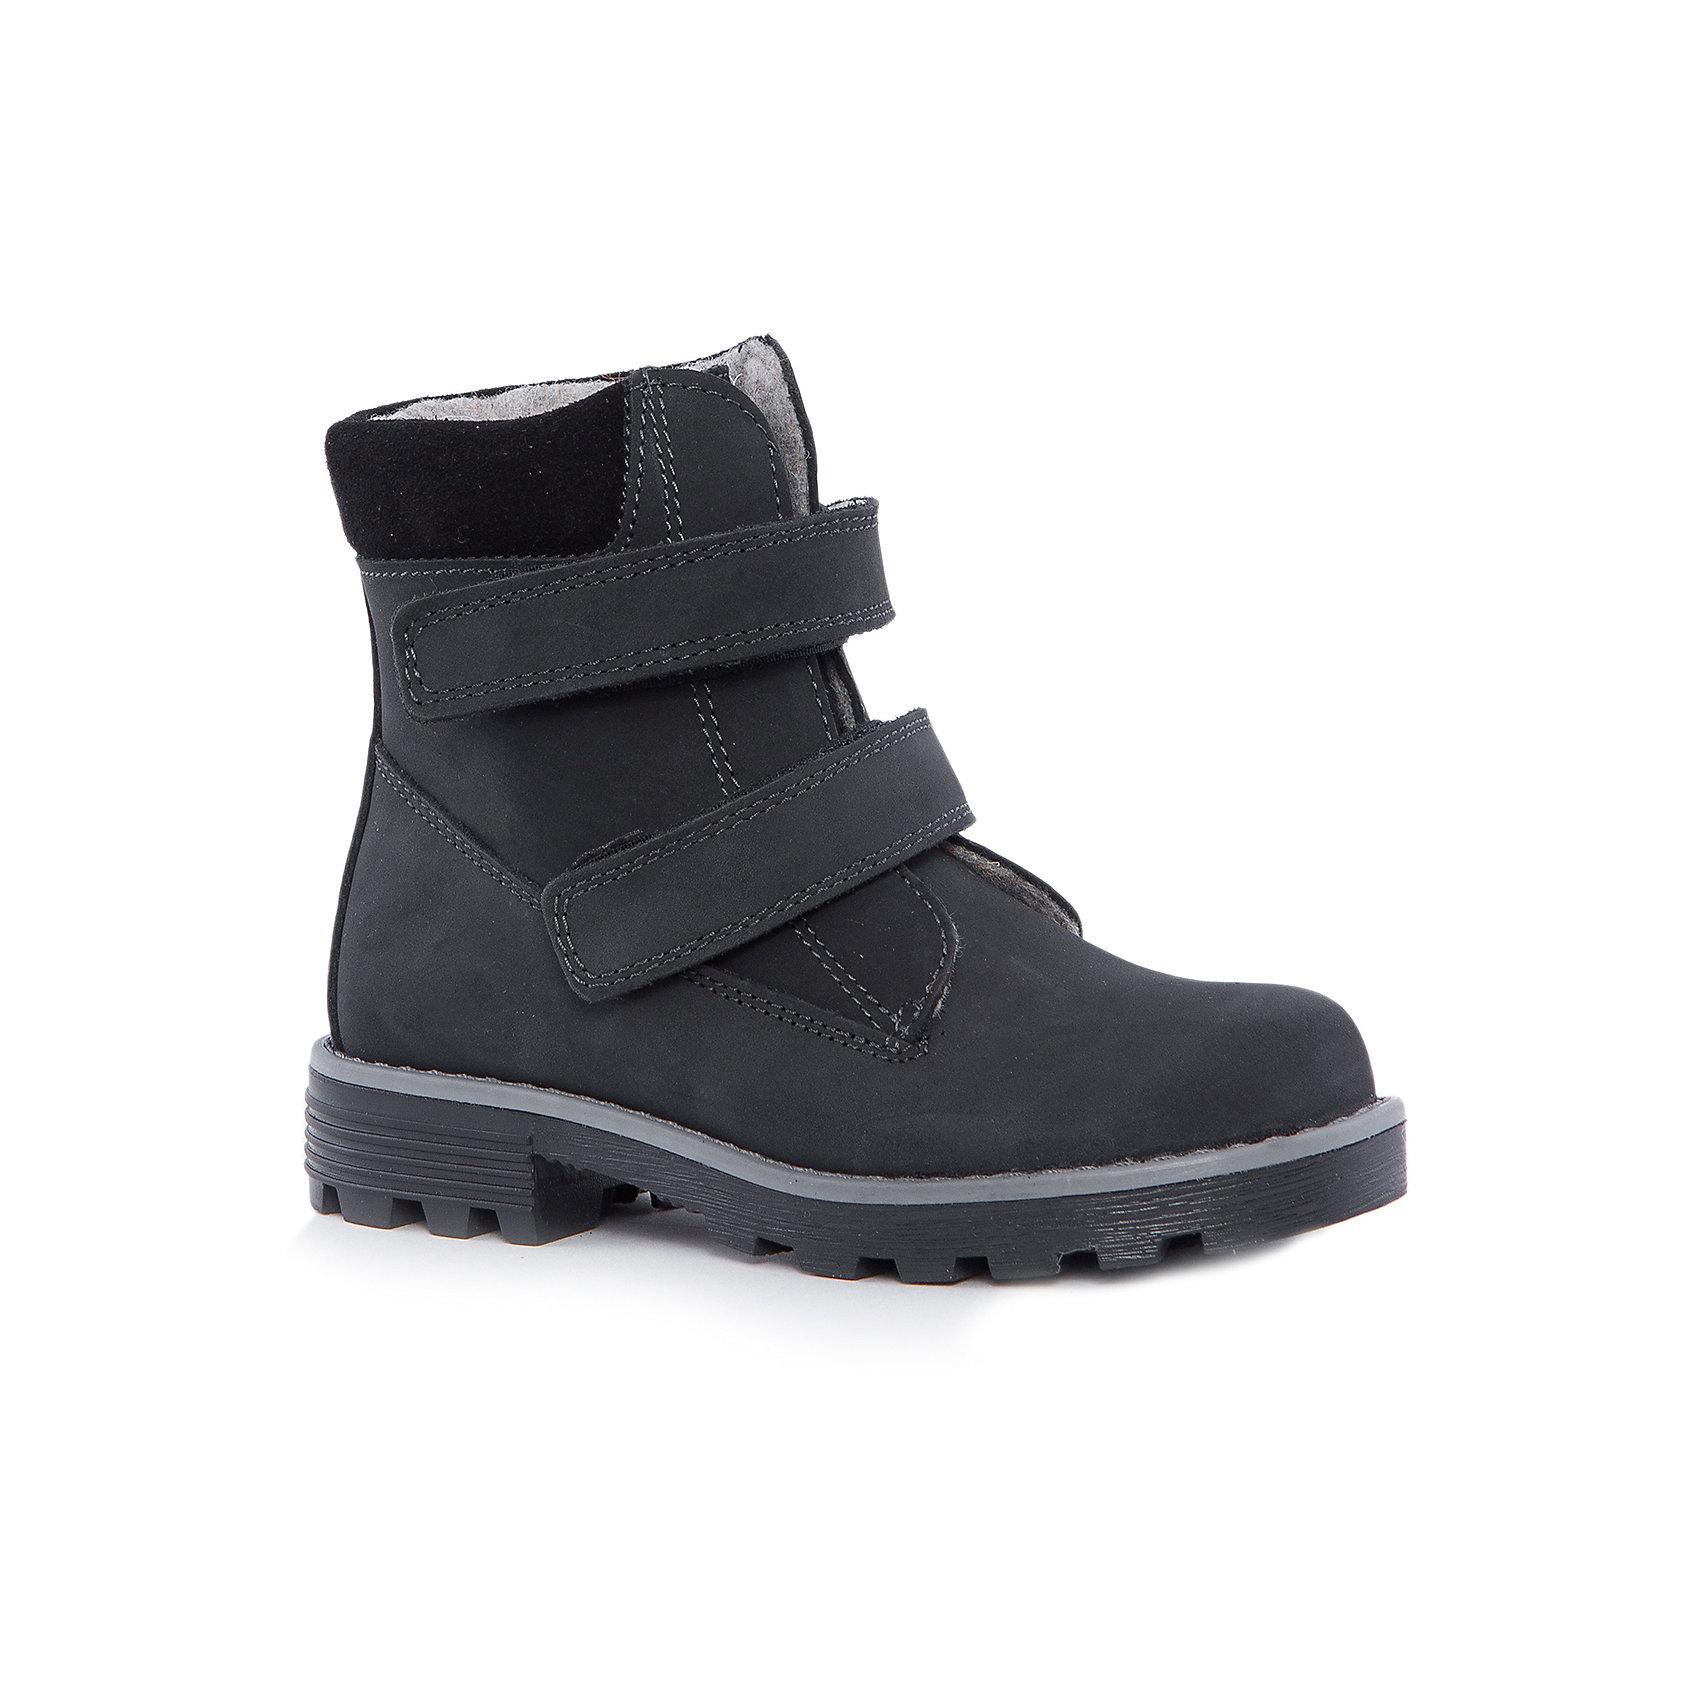 Ботинки для мальчика КотофейКотофей – качественная и стильная детская обувь по доступным ценам. С каждым днем популярность бренда растет.  С наступлением осенних холодов очень важно выбрать удобную и теплую обувь, которая защитит ножки малыша от промокания, а здоровье от простуды. Стильные черные ботинки на удобной застежке – липе шнуровке – прекрасный выбор обновки гардероба к новому сезону. Модель отвечает всем модным требованиям.<br><br>Дополнительная информация:<br><br>цвет: черный;<br>вид крепления: на клею;<br>застежка: липучка;<br>температурный режим: от 0°С до +15° С.<br><br>Состав:<br>материал верха – кожа;<br>материал подклада – байка;<br>подошва – ТЭП.<br><br>Осенние ботиночки из натуральной кожи для мальчика дошкольного и школьного возраста от фирмы Котофей можно приобрести в нашем магазине.<br><br>Ширина мм: 262<br>Глубина мм: 176<br>Высота мм: 97<br>Вес г: 427<br>Цвет: черный<br>Возраст от месяцев: 96<br>Возраст до месяцев: 108<br>Пол: Мужской<br>Возраст: Детский<br>Размер: 32,31,35,34,30,33<br>SKU: 4982229